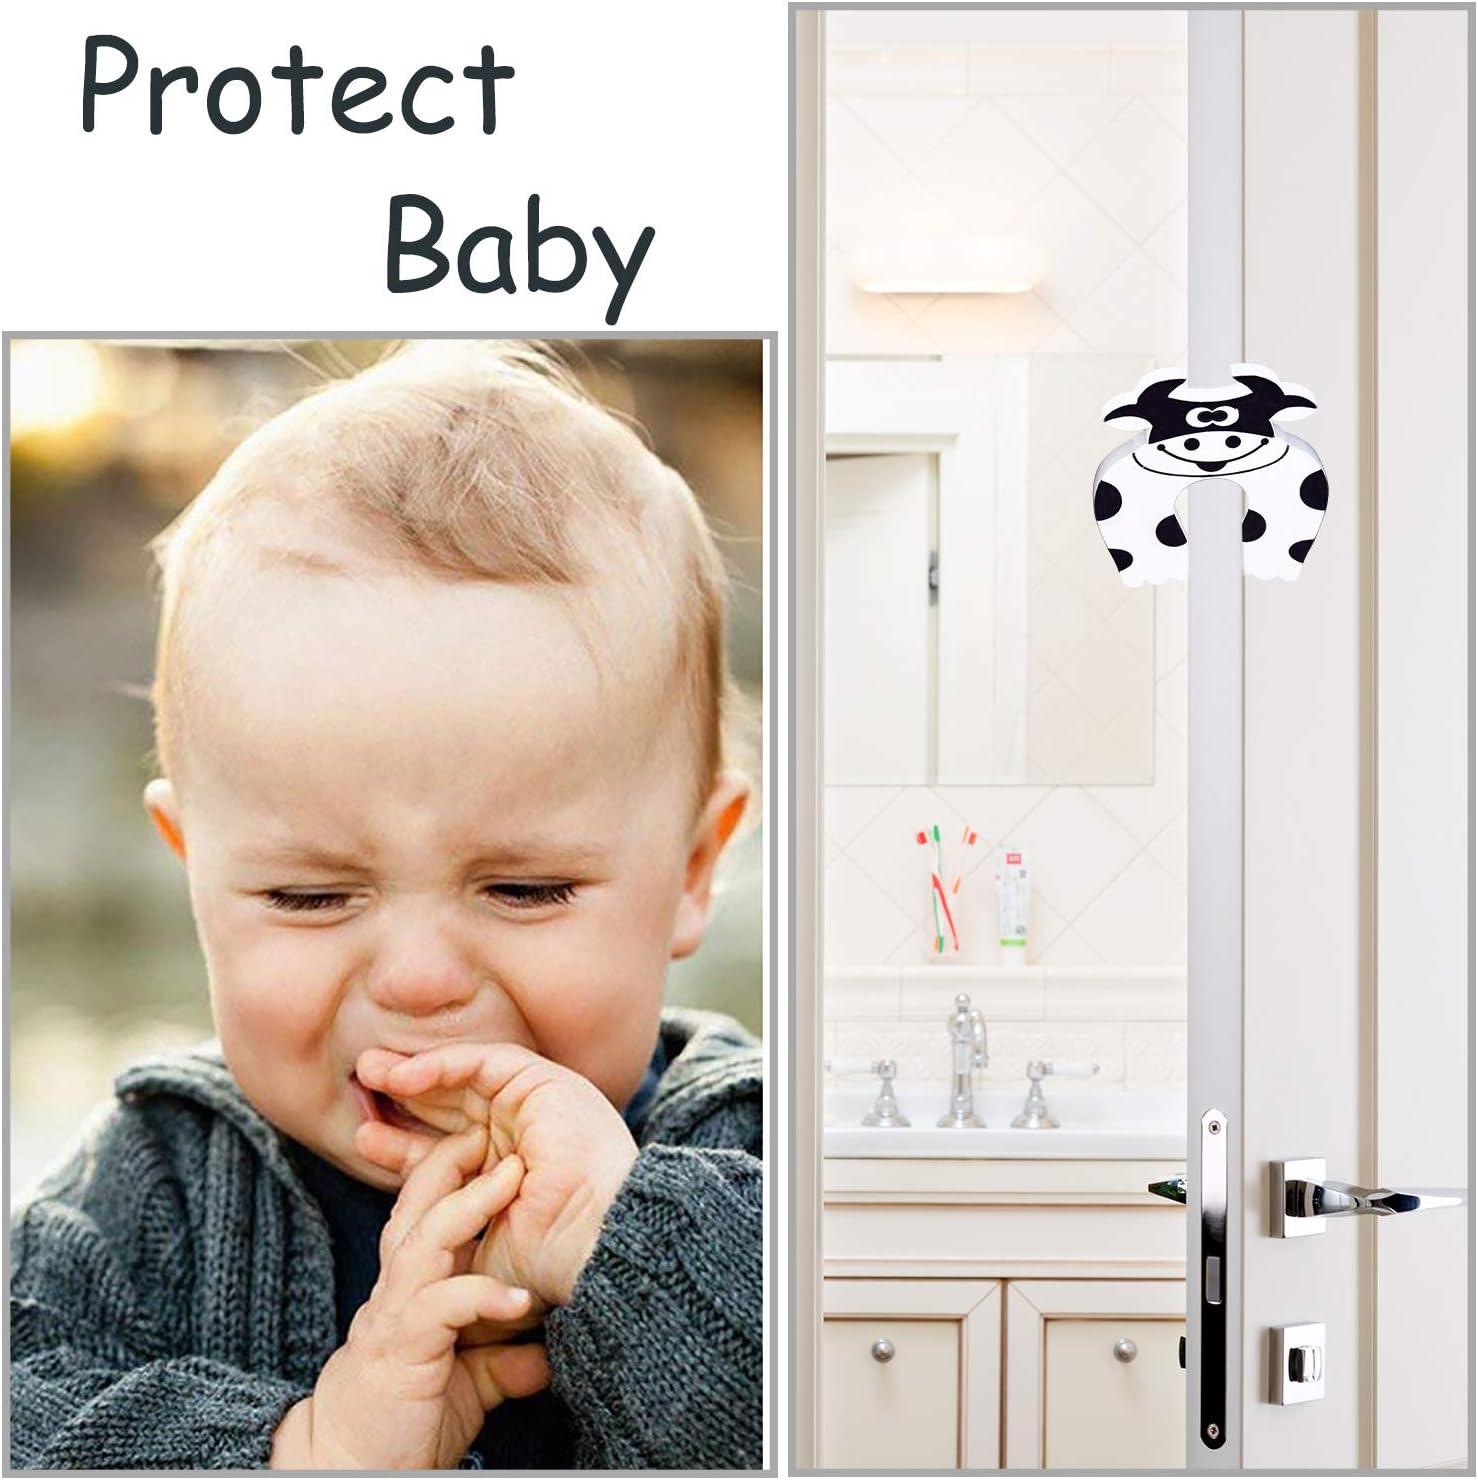 8 Protezione Angoli e 1 Fermaporta in Gommapiuma per Proteggere il Bambino o Giovani Bambini Beige Paraspigoli per Bordo 5m Protezioni per Bordi